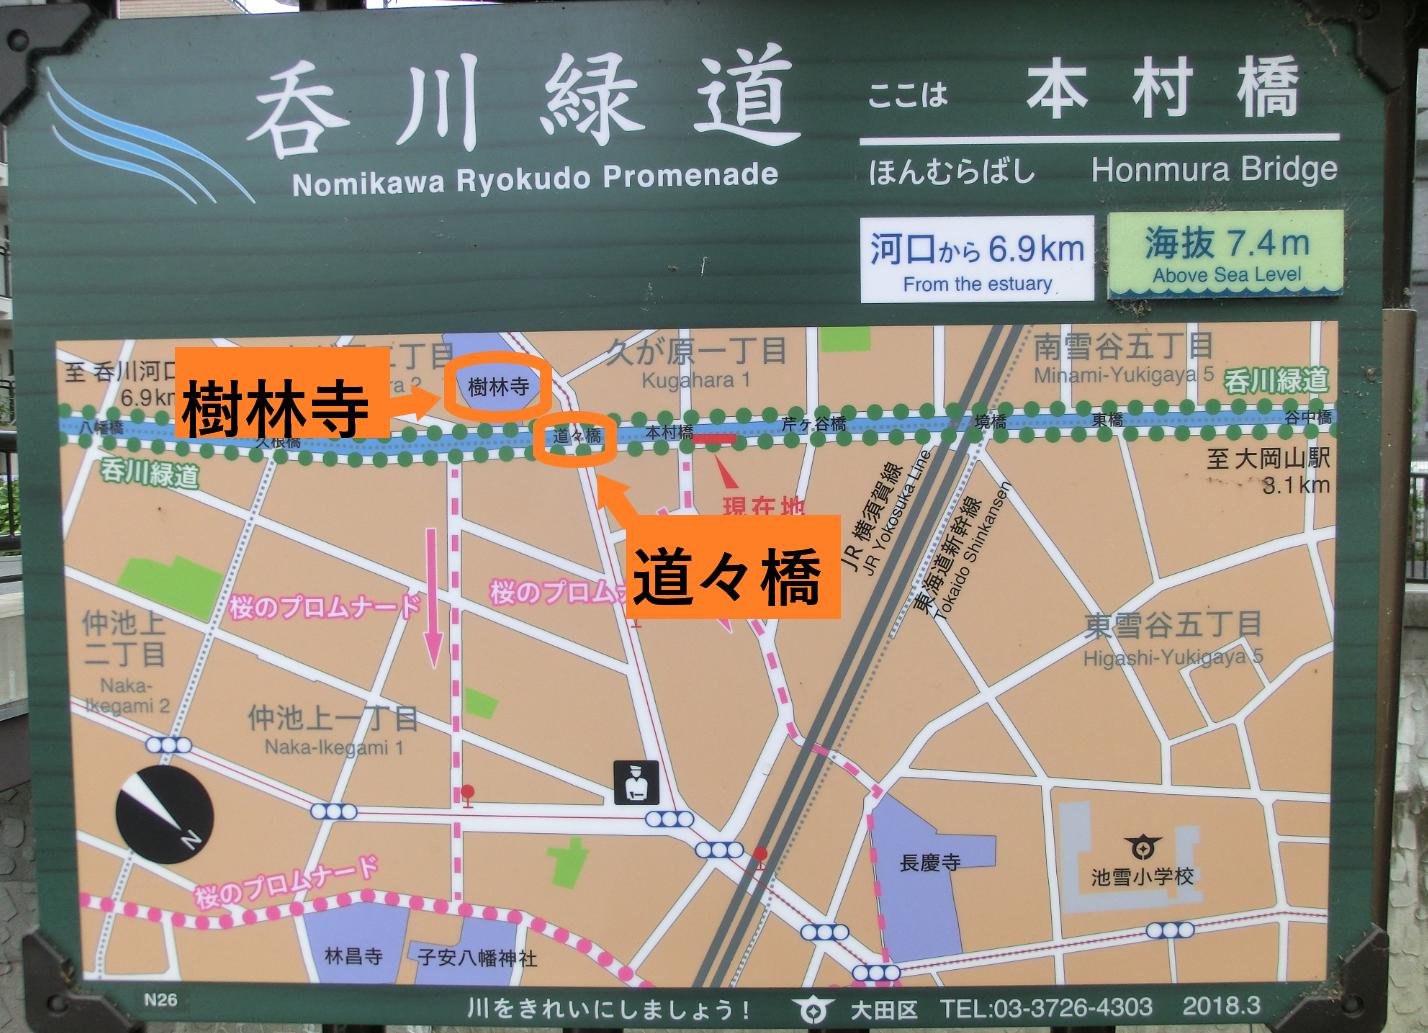 道々橋と樹林寺の位置関係 久が原散策1